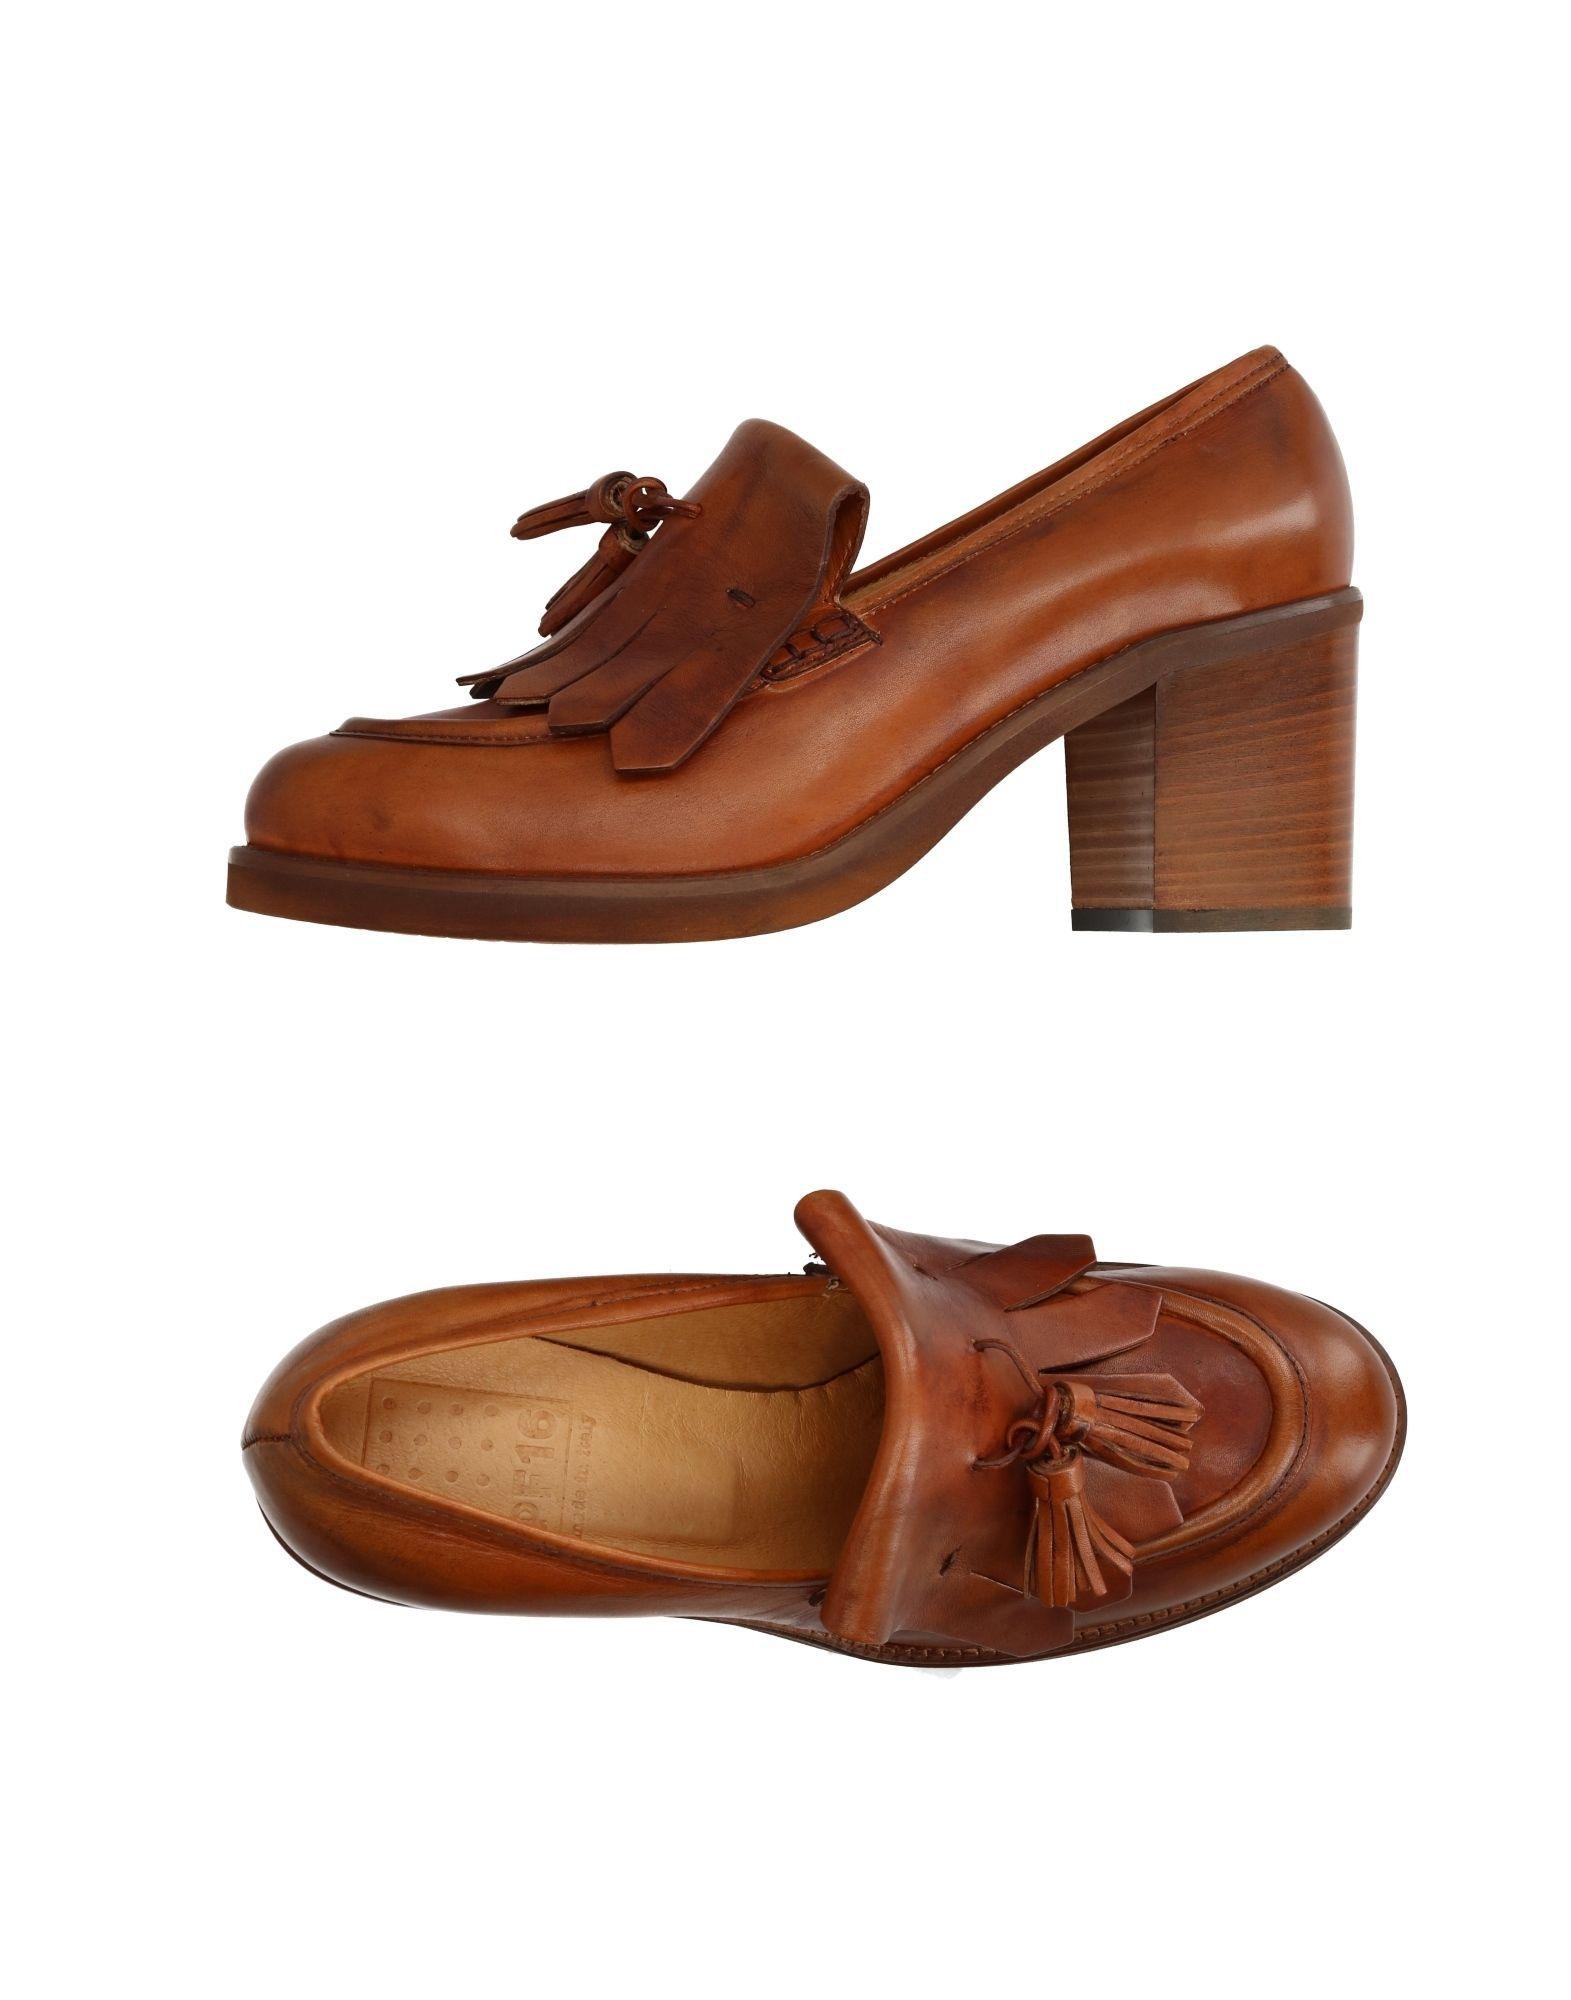 Moda Mocassino Pf16 Donna - - Donna 11289288BW 20e1e4